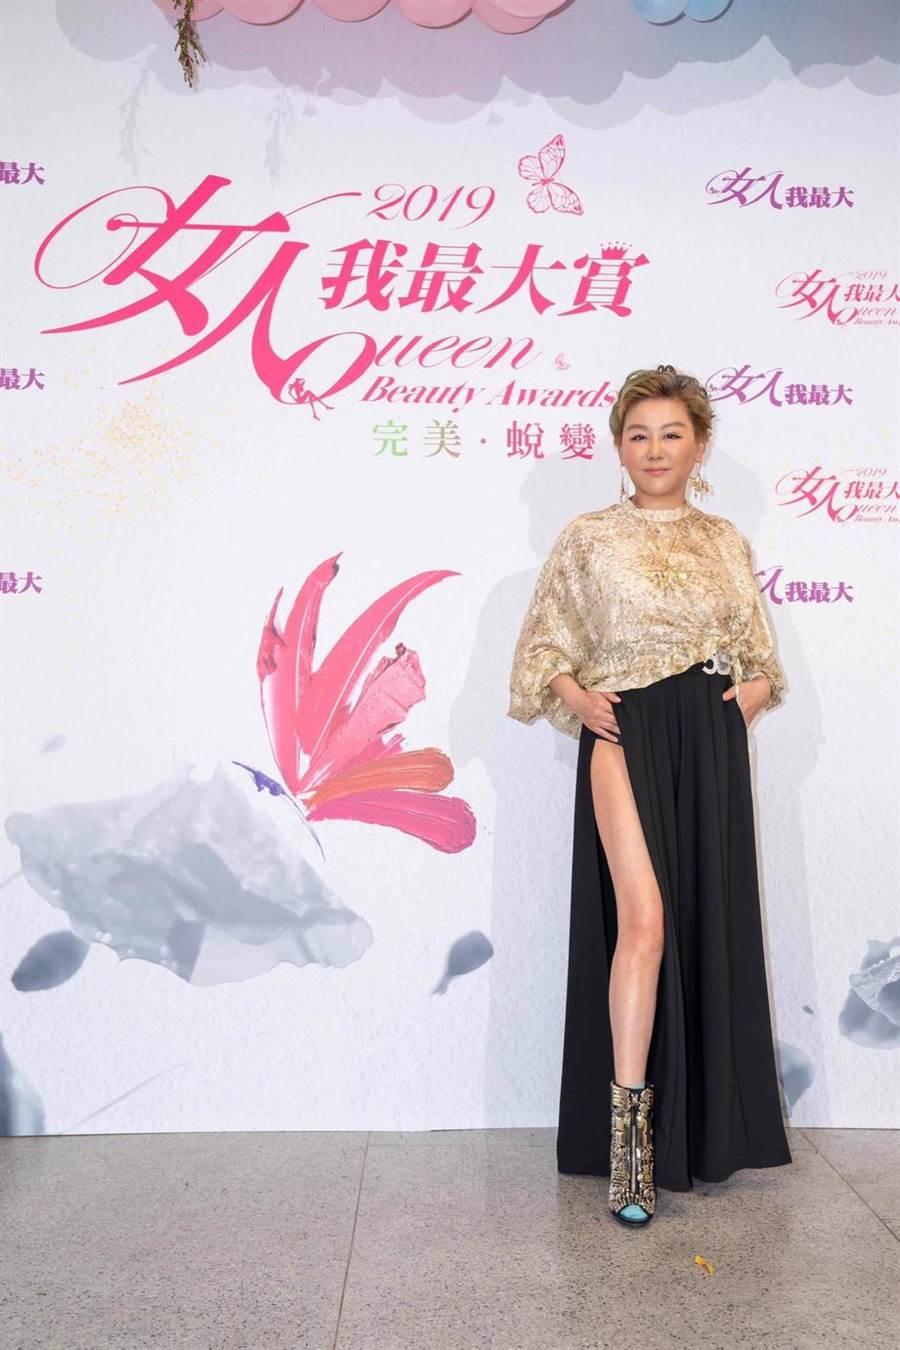 時尚教主藍心湄秀辣腿出席「2019女人我最大賞」頒獎典禮。(TVBS提供)